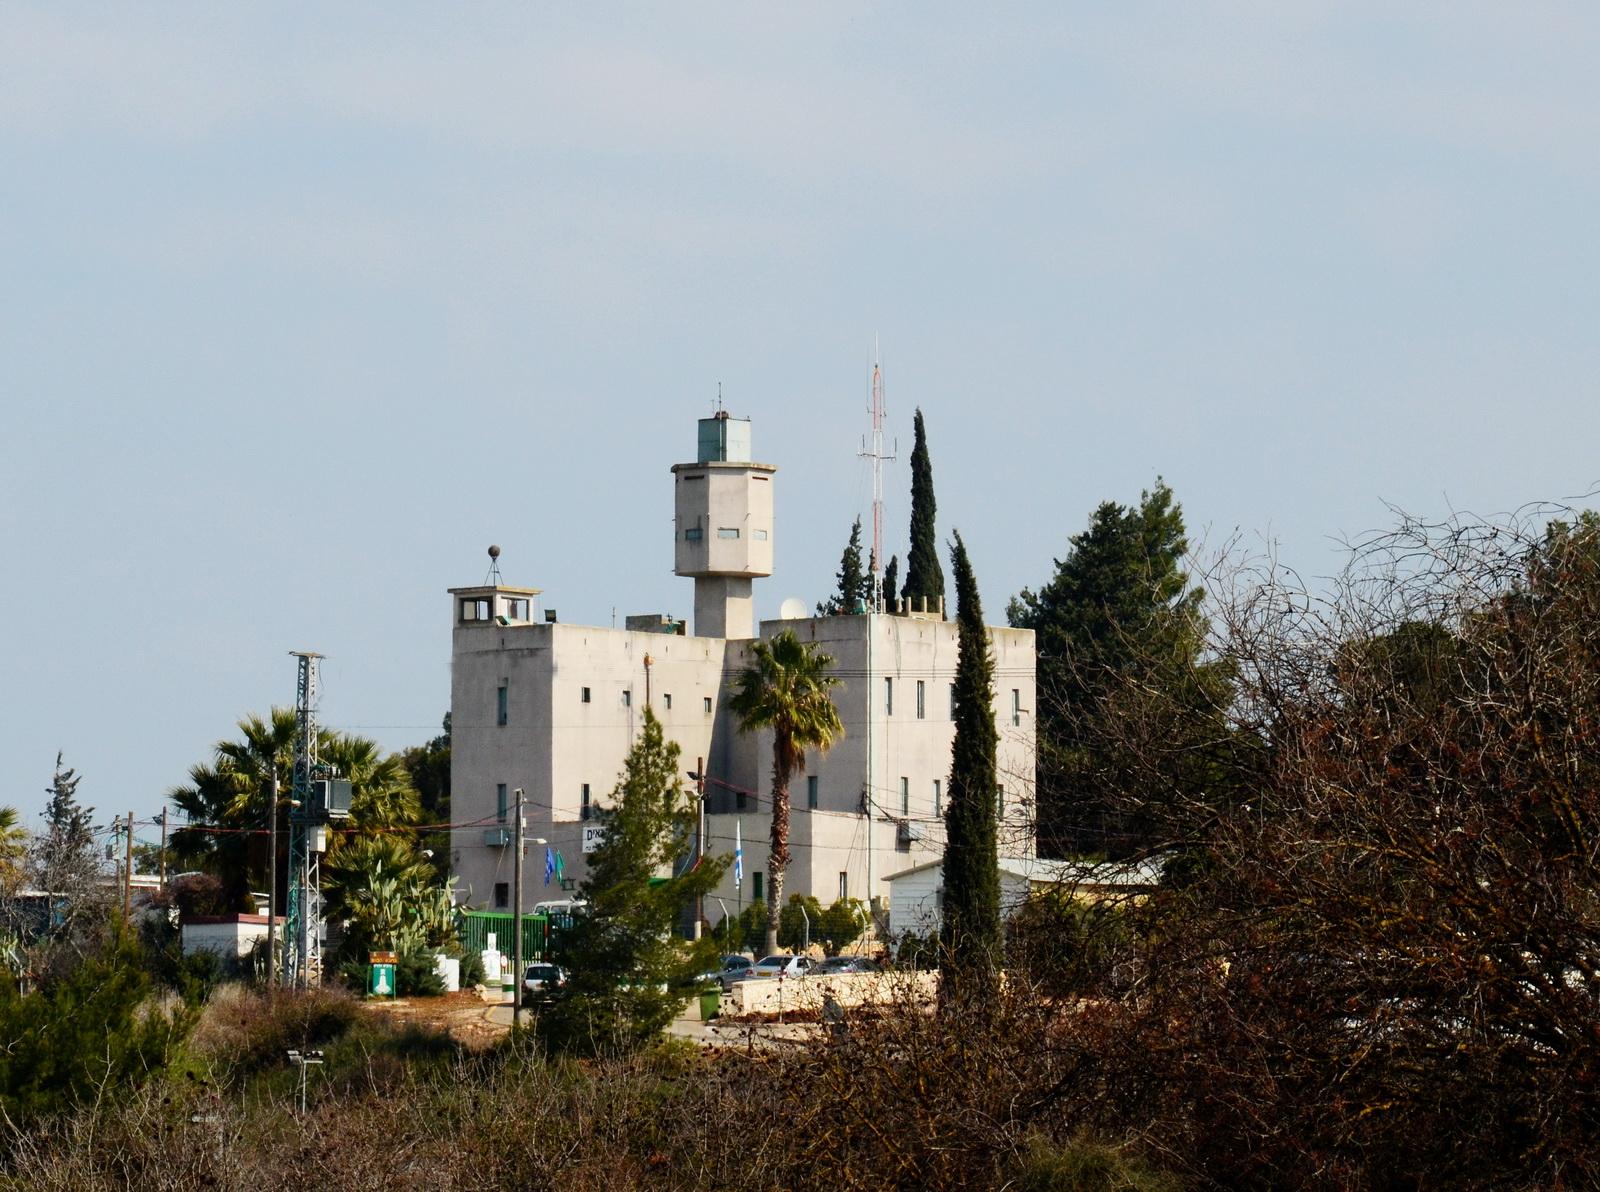 גליל עליון - מצודת כח - נבי יושע